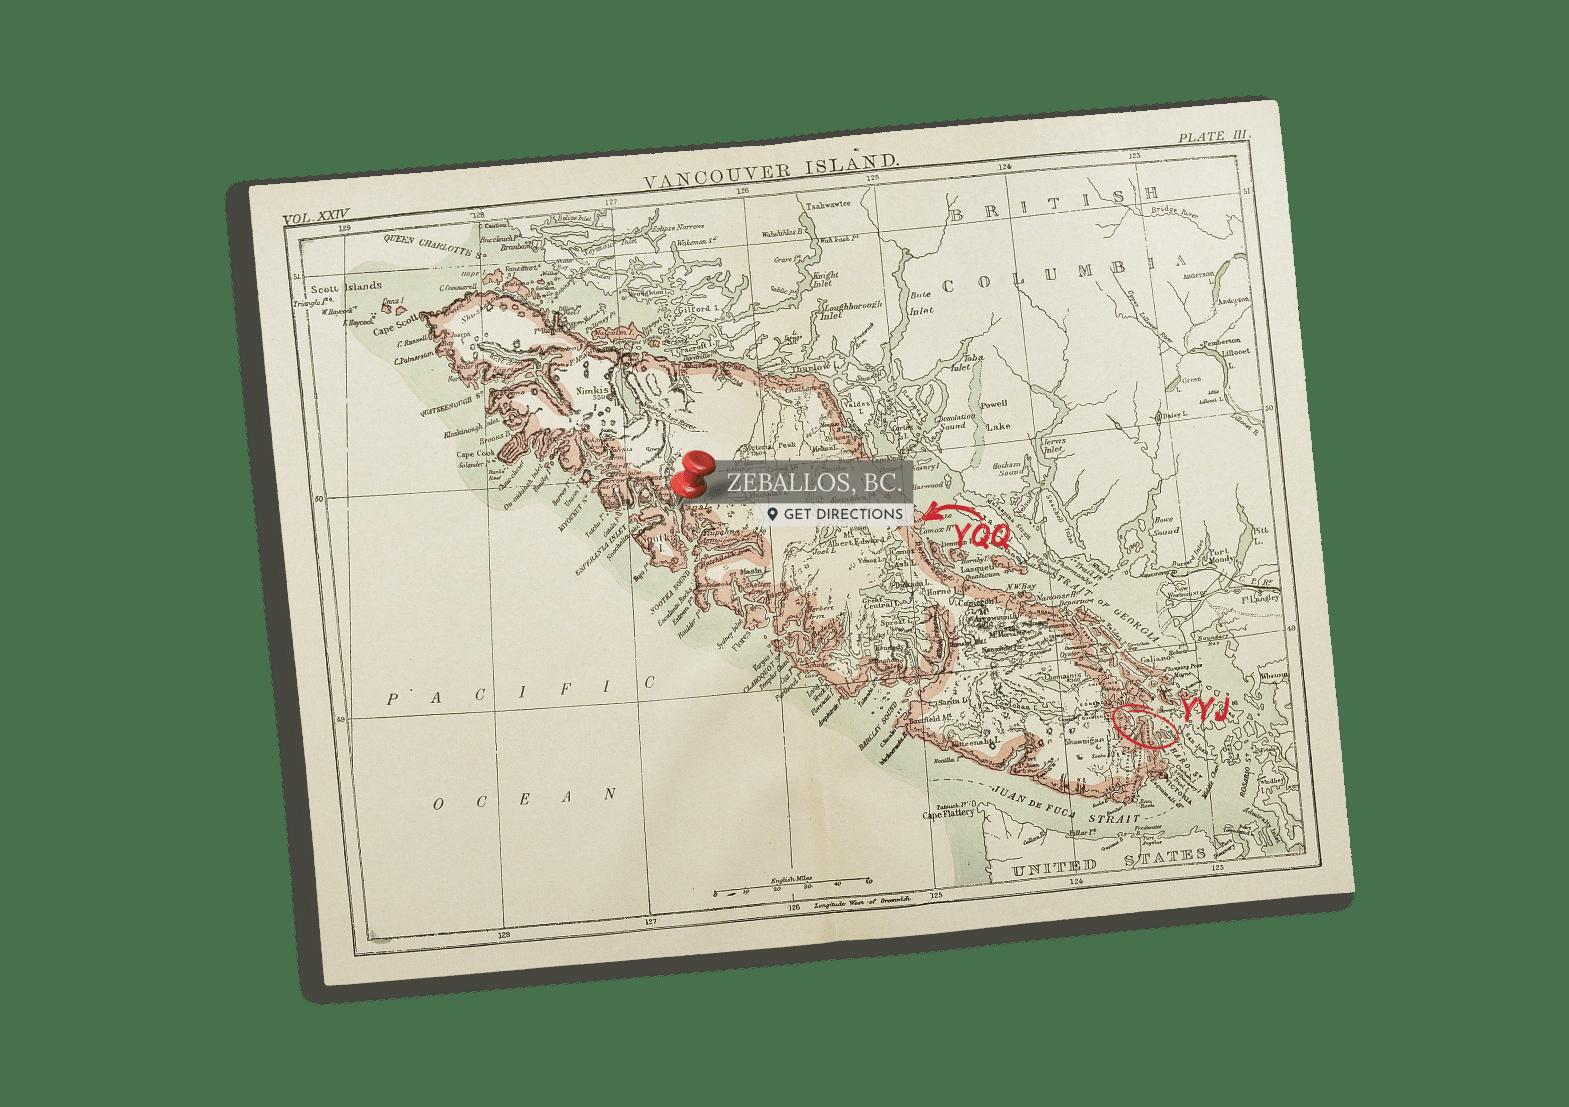 VancouverIsland Map 1